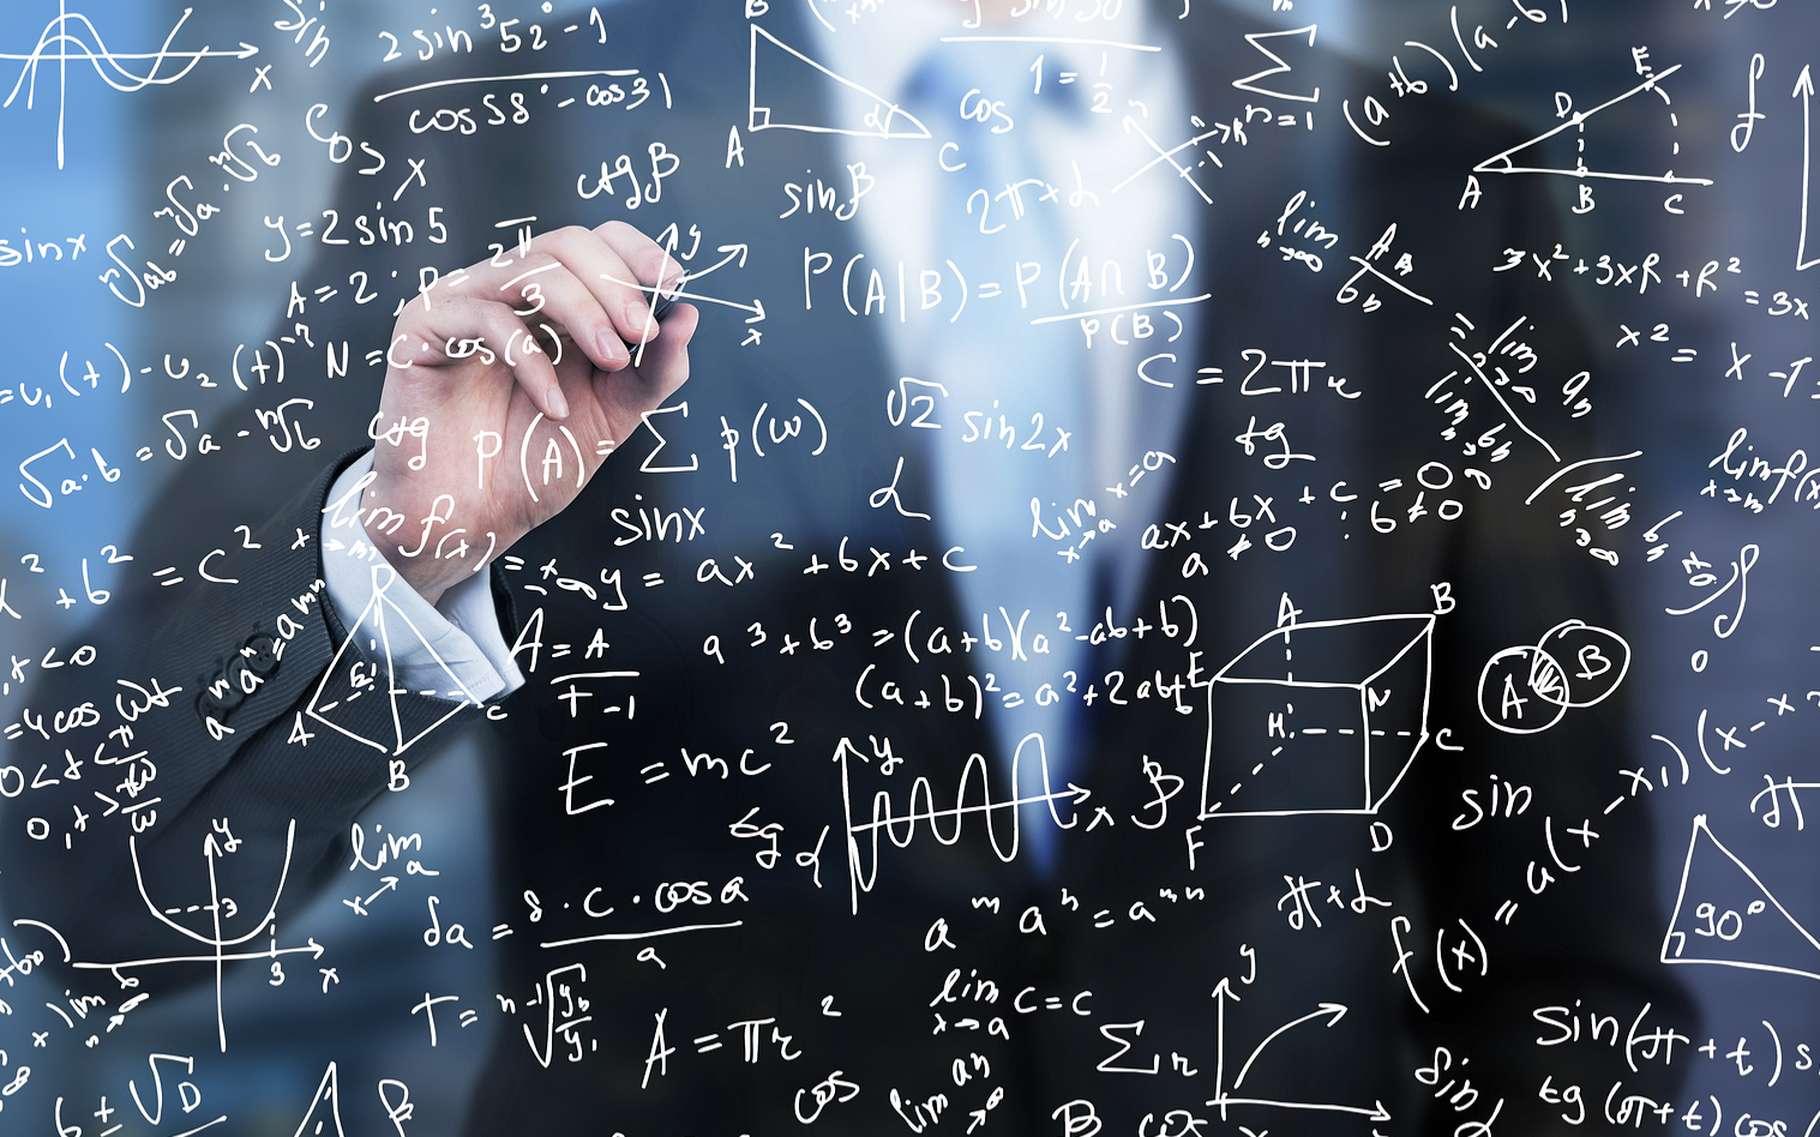 Malgré ce que l'on pourrait naturellement penser, les physiciens seraient presque aussi allergiques aux mathématiques que le commun des mortels! © ImageFlow, Shutterstock